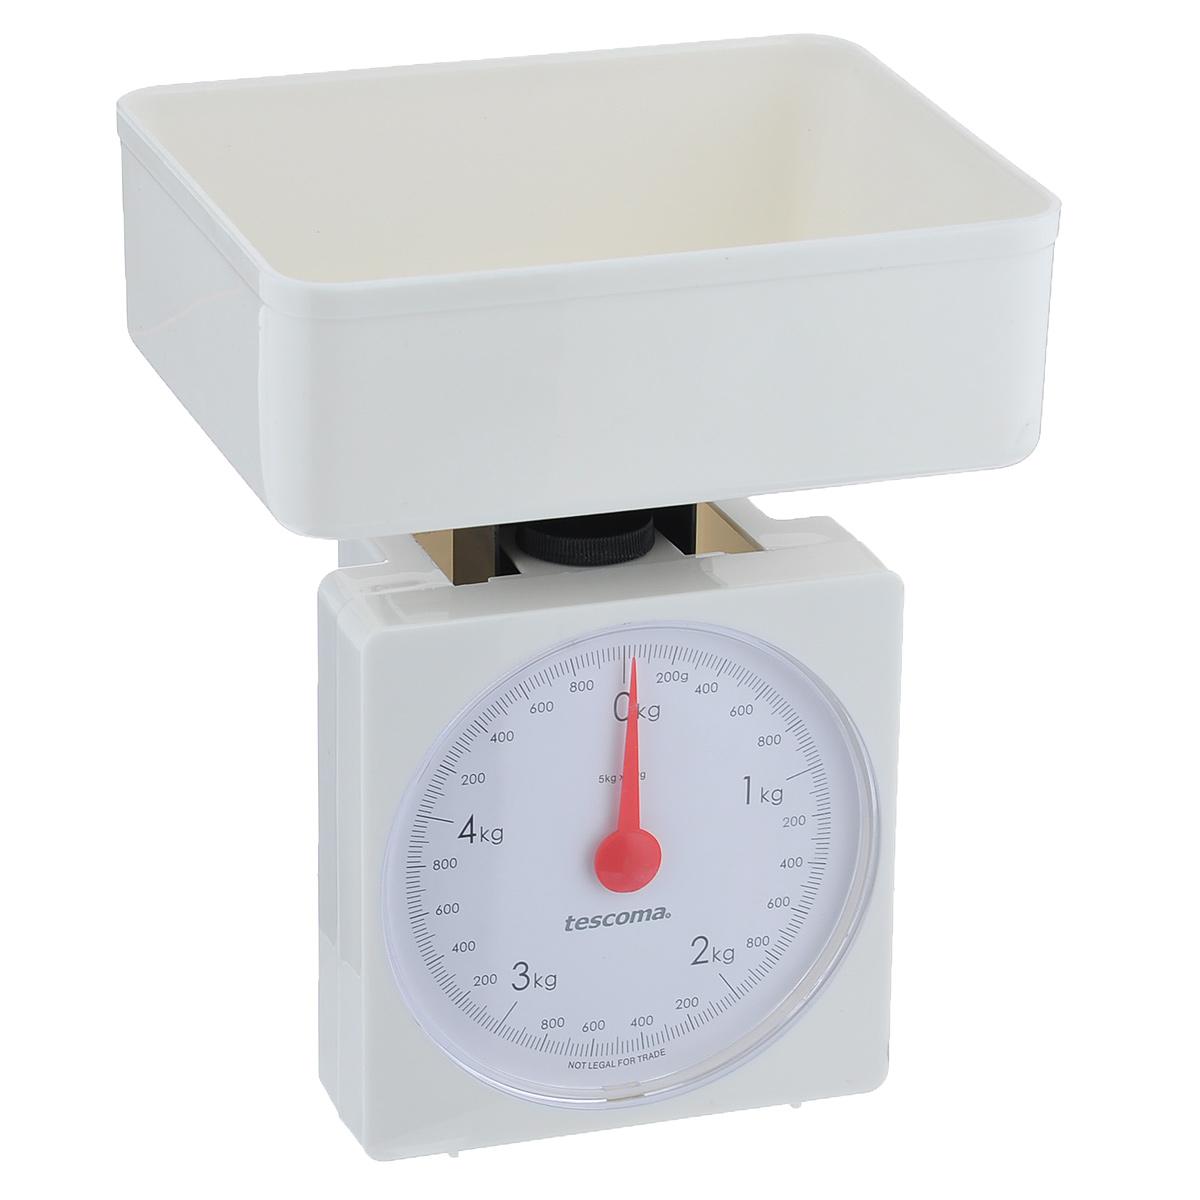 Весы кухонные механические Tescoma Accura, цвет: белый, до 5 кгFA-6400 WhiteМеханические кухонные весы Tescoma Accura, выполненные из высокопрочного пластика и стали, с большой, хорошо читаемой шкалой и съемной чашей, придутся по душе каждой хозяйке и станут незаменимым аксессуаром на кухне. На шкале присутствуют единицы измерения в граммах и килограммах. В комплекте - пластиковая чаша.Вам больше не придется использовать продукты на глаз. Весы Tescoma Accura позволят вам с высокой точностью дозировать продукты, следуя вашим любимым рецептам.Размер весов (без чаши): 13 см х 8 см х 17 см. Размер чаши: 18,5 см х 15 см х 7 см.